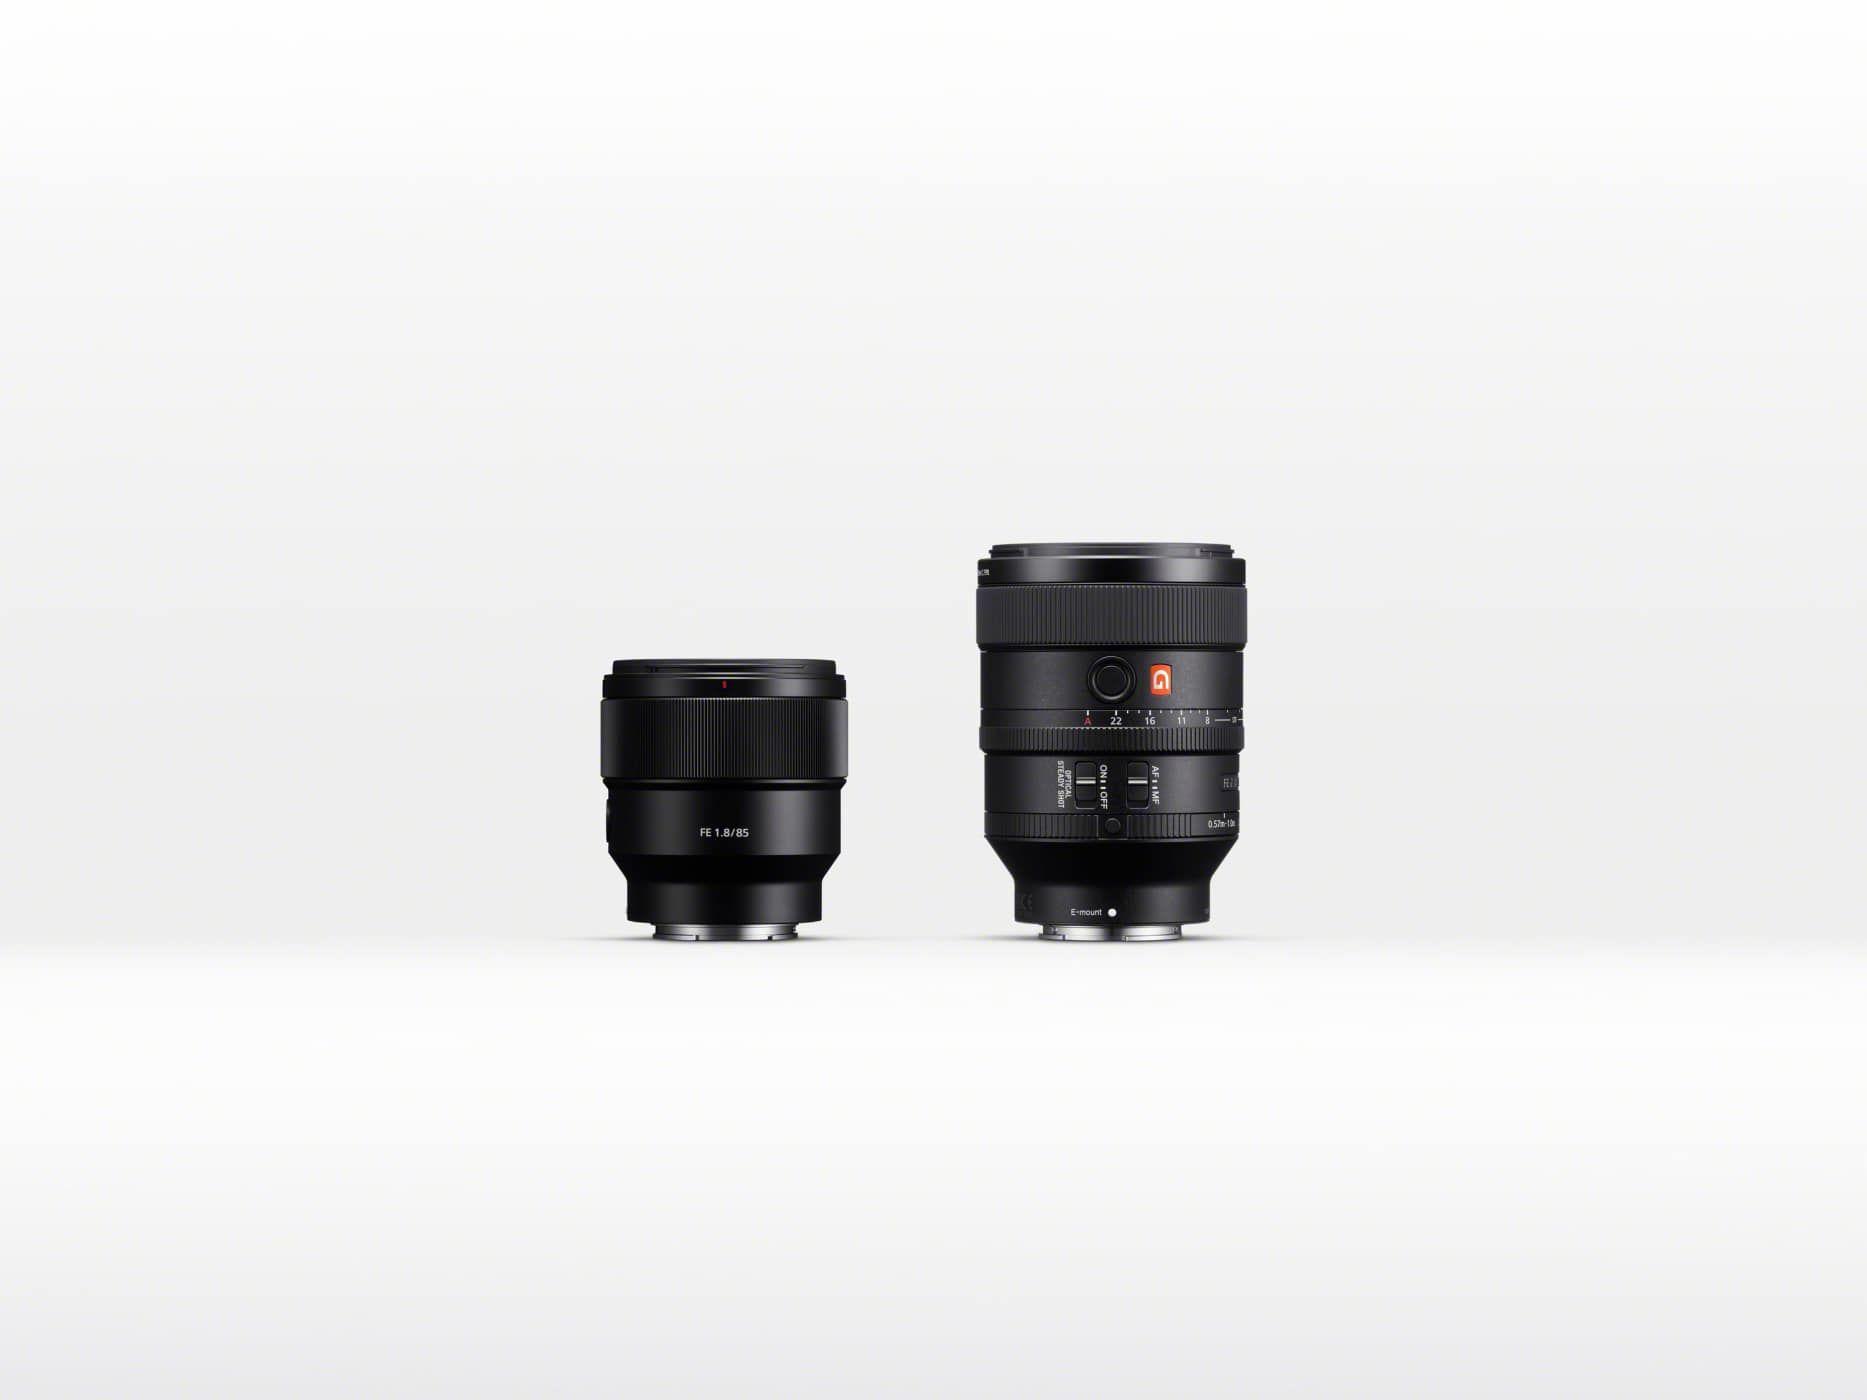 Sony präsentiert mit dem SEL100F28GM und SEL85F18 zwei neue Sony FE ...